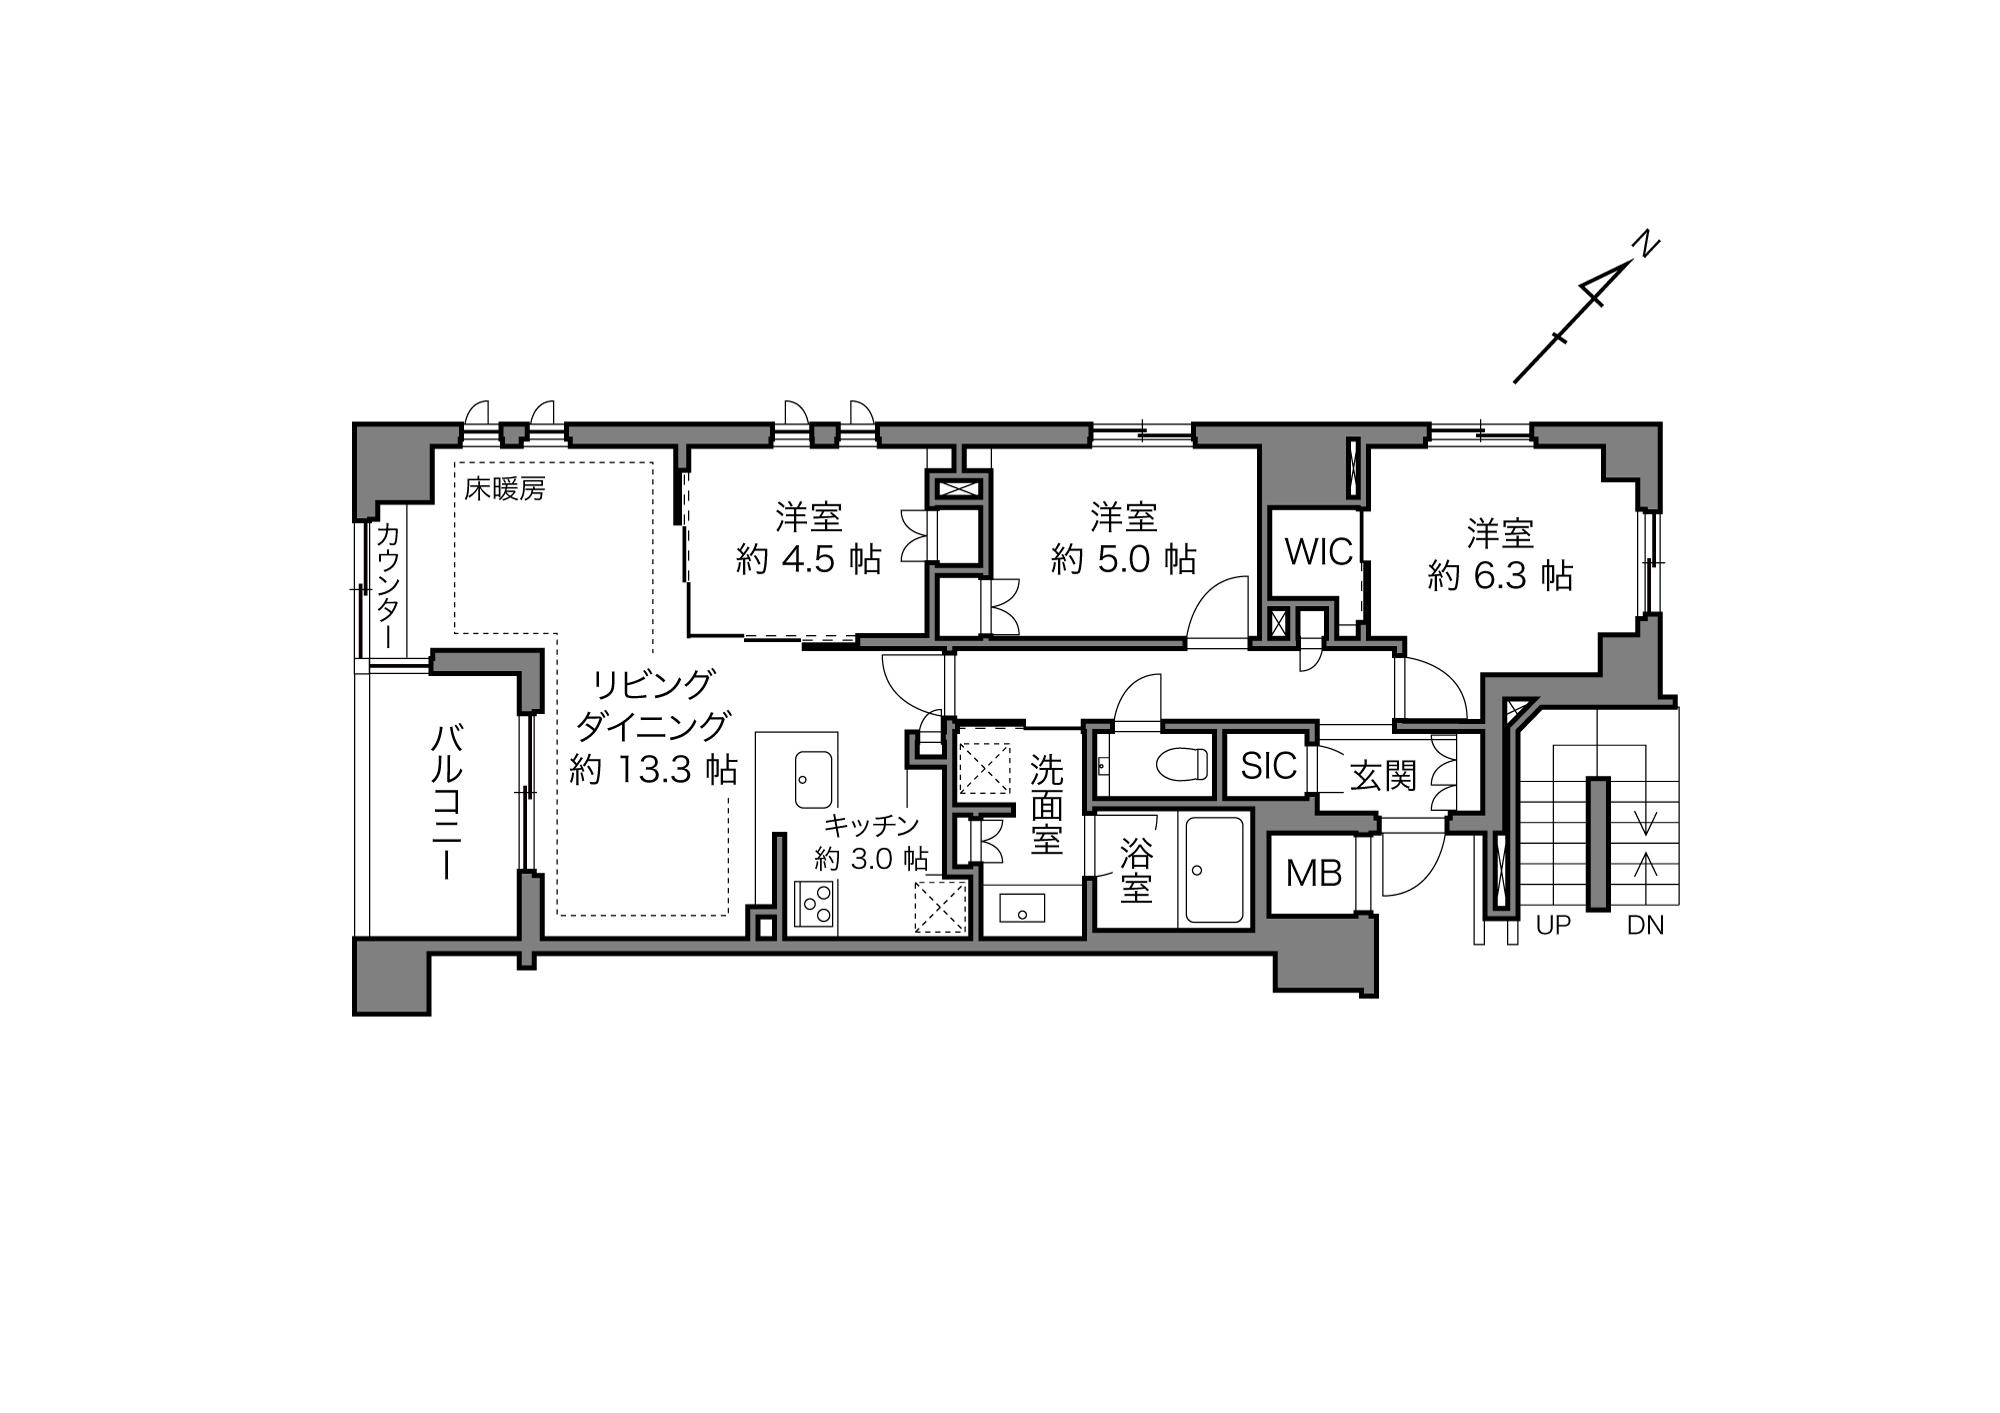 茗荷谷駅 / 3LDK / 73.95㎡